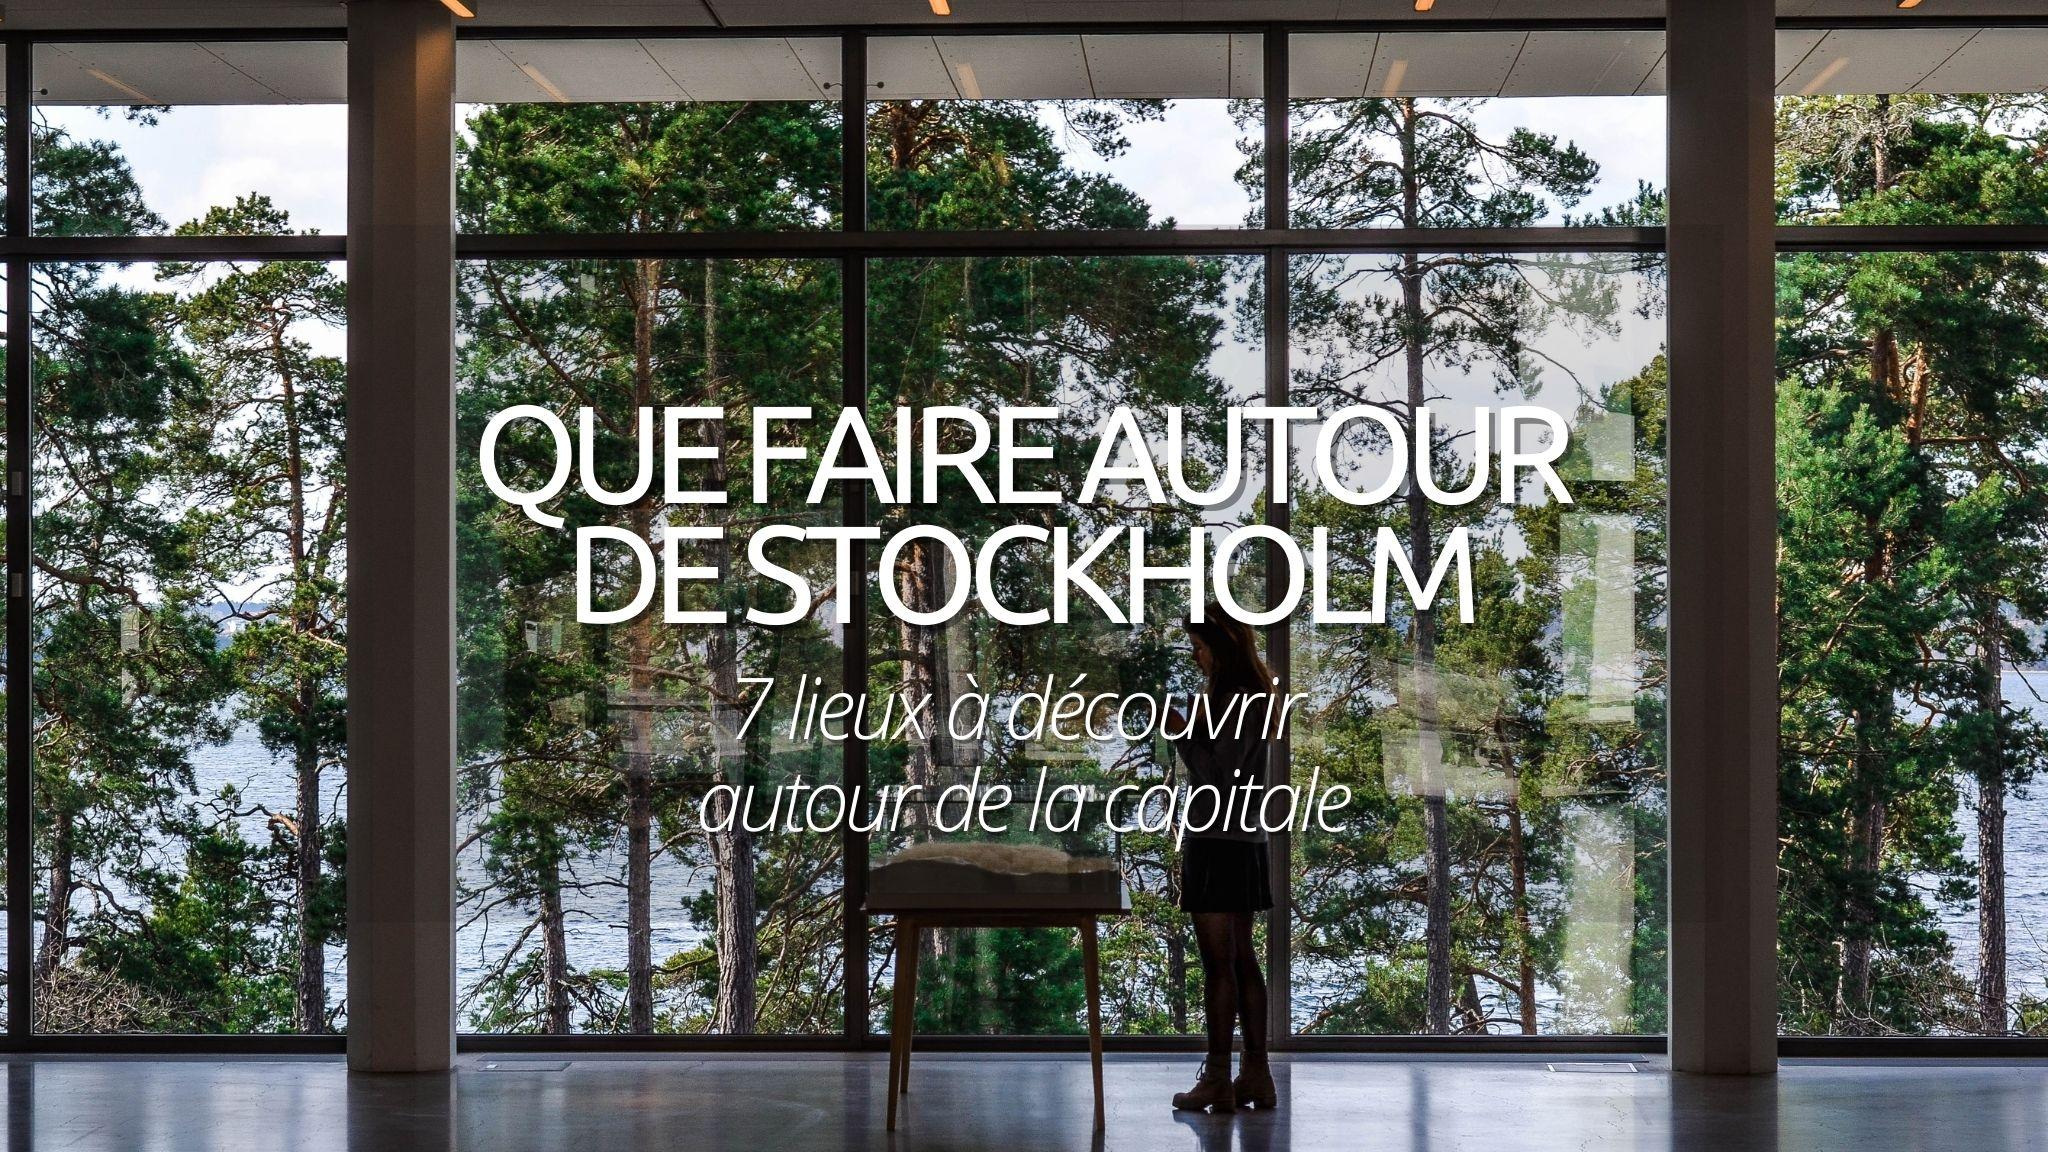 Que faire autour de Stockholm : 7 lieux à découvrir